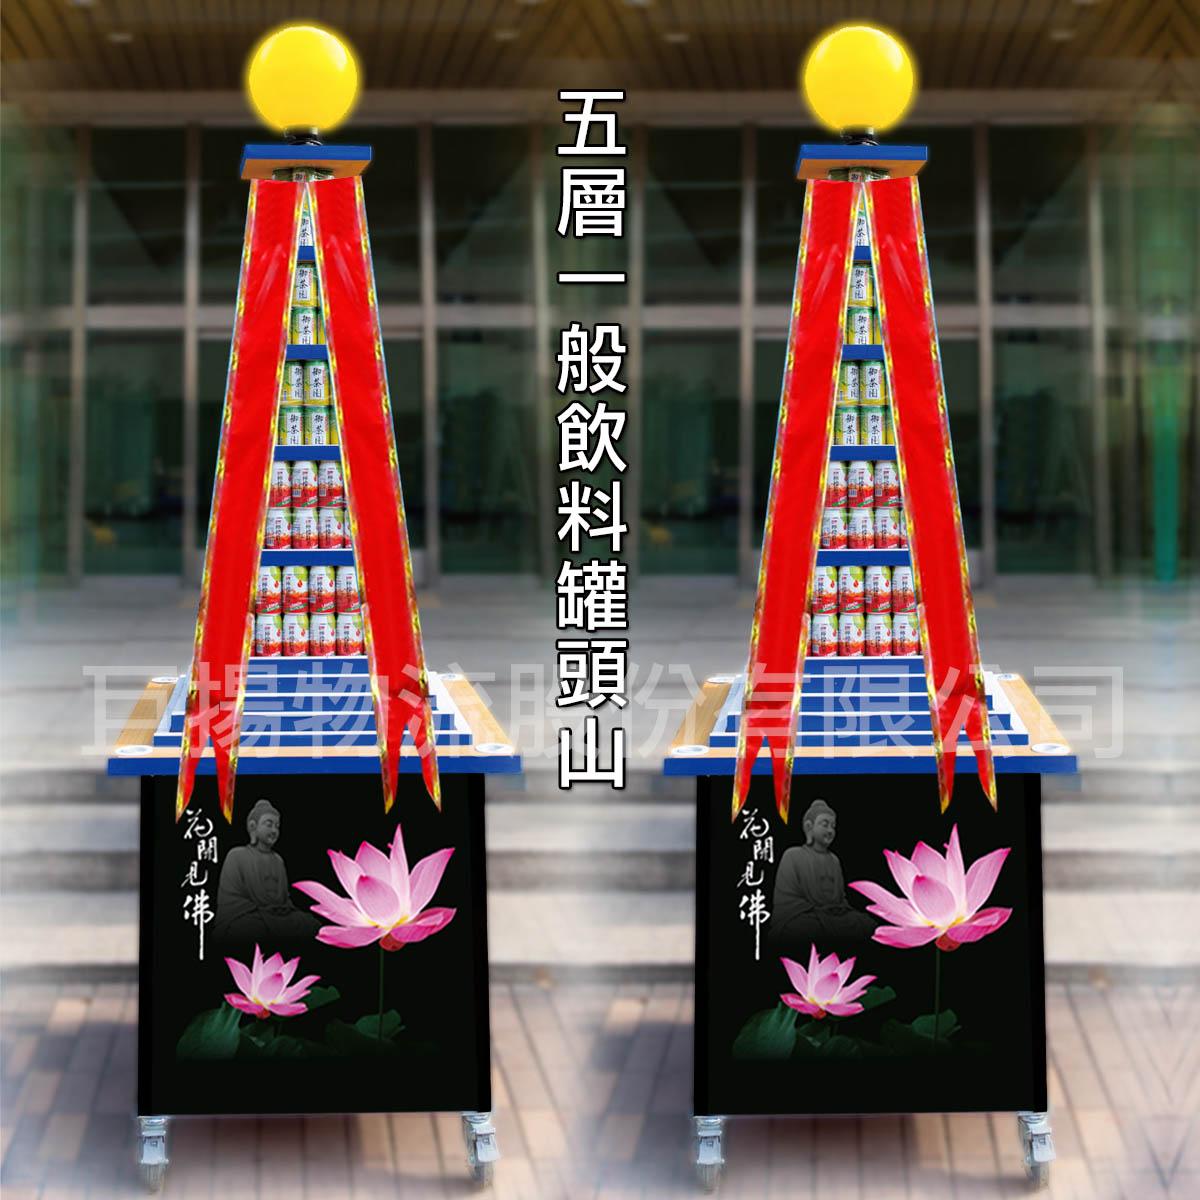 五層一般飲料燈光罐頭山蓮花led燈光柱2